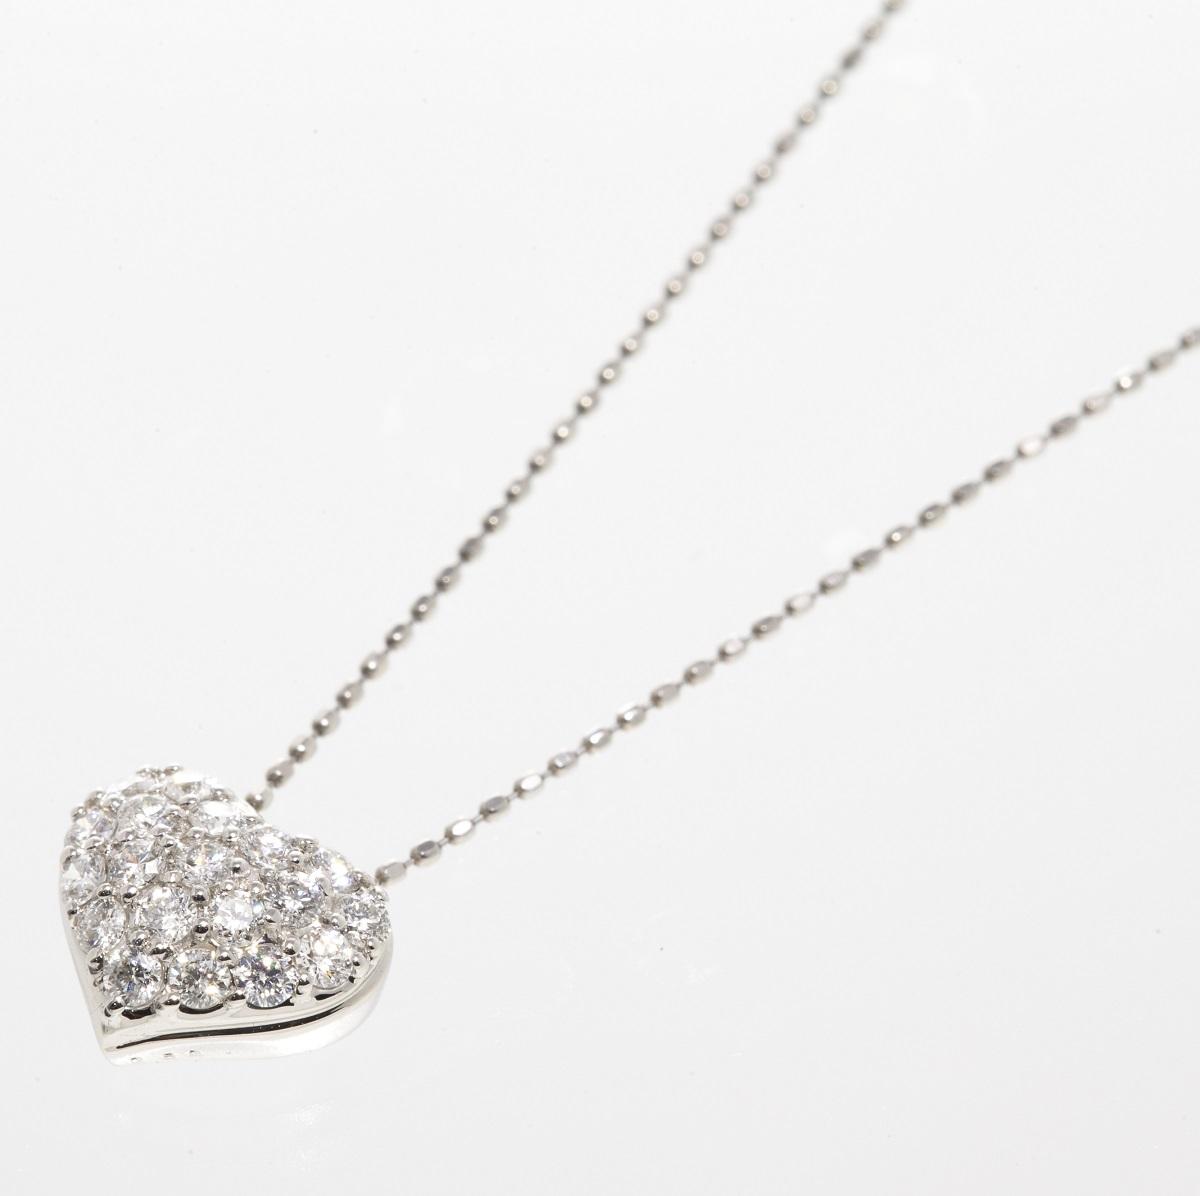 ダイヤモンド ネックレス ハートデザイン Dトータル0.50ct K18WG ホワイトゴールド 【トレジャースポット】【中古】